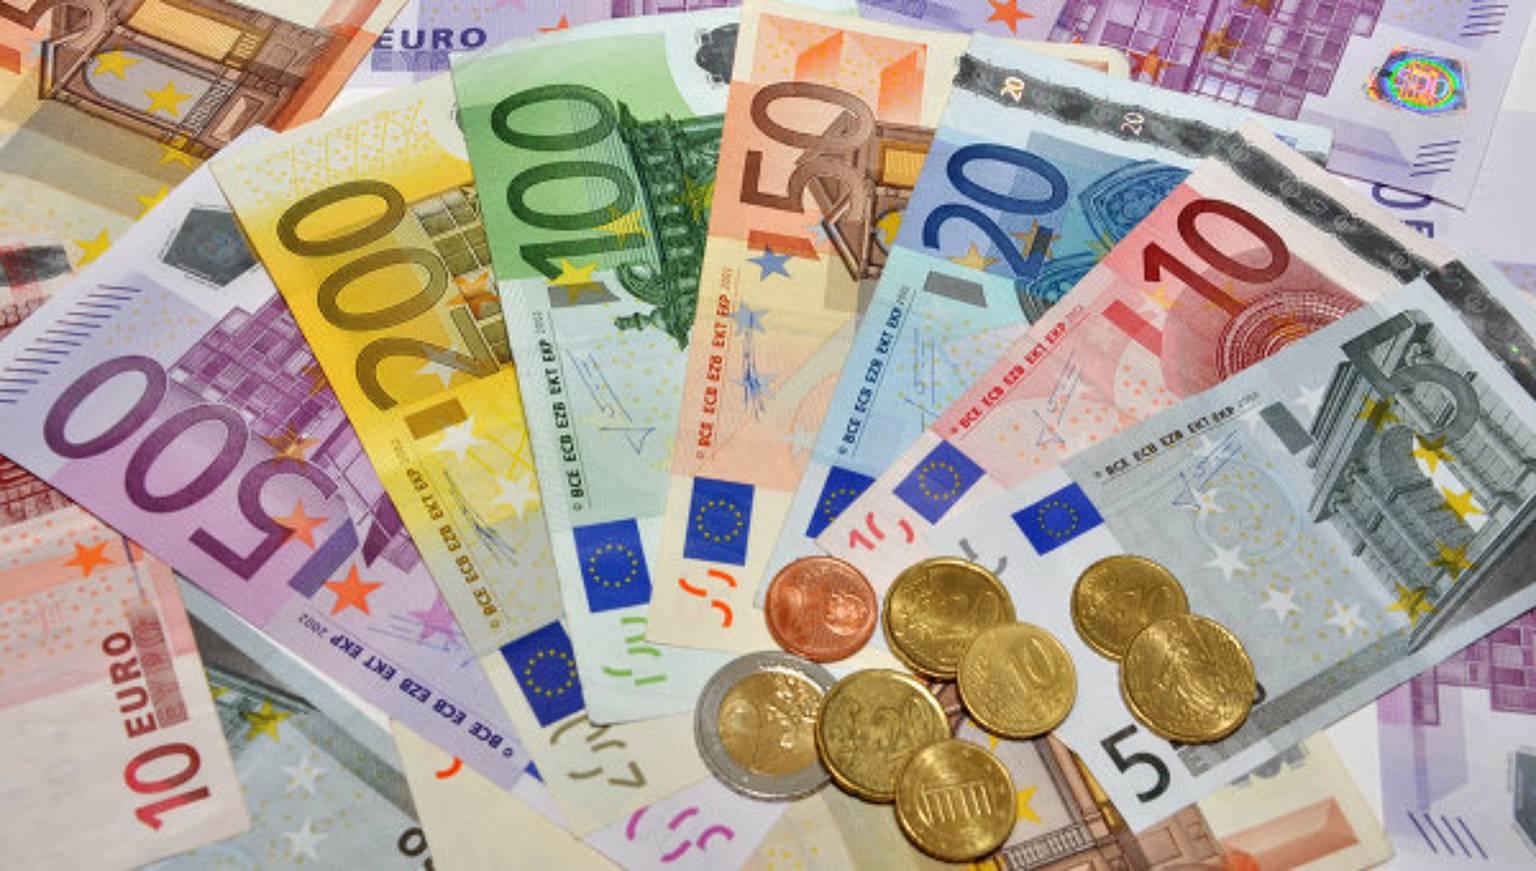 Национальная валюта испании баннер су